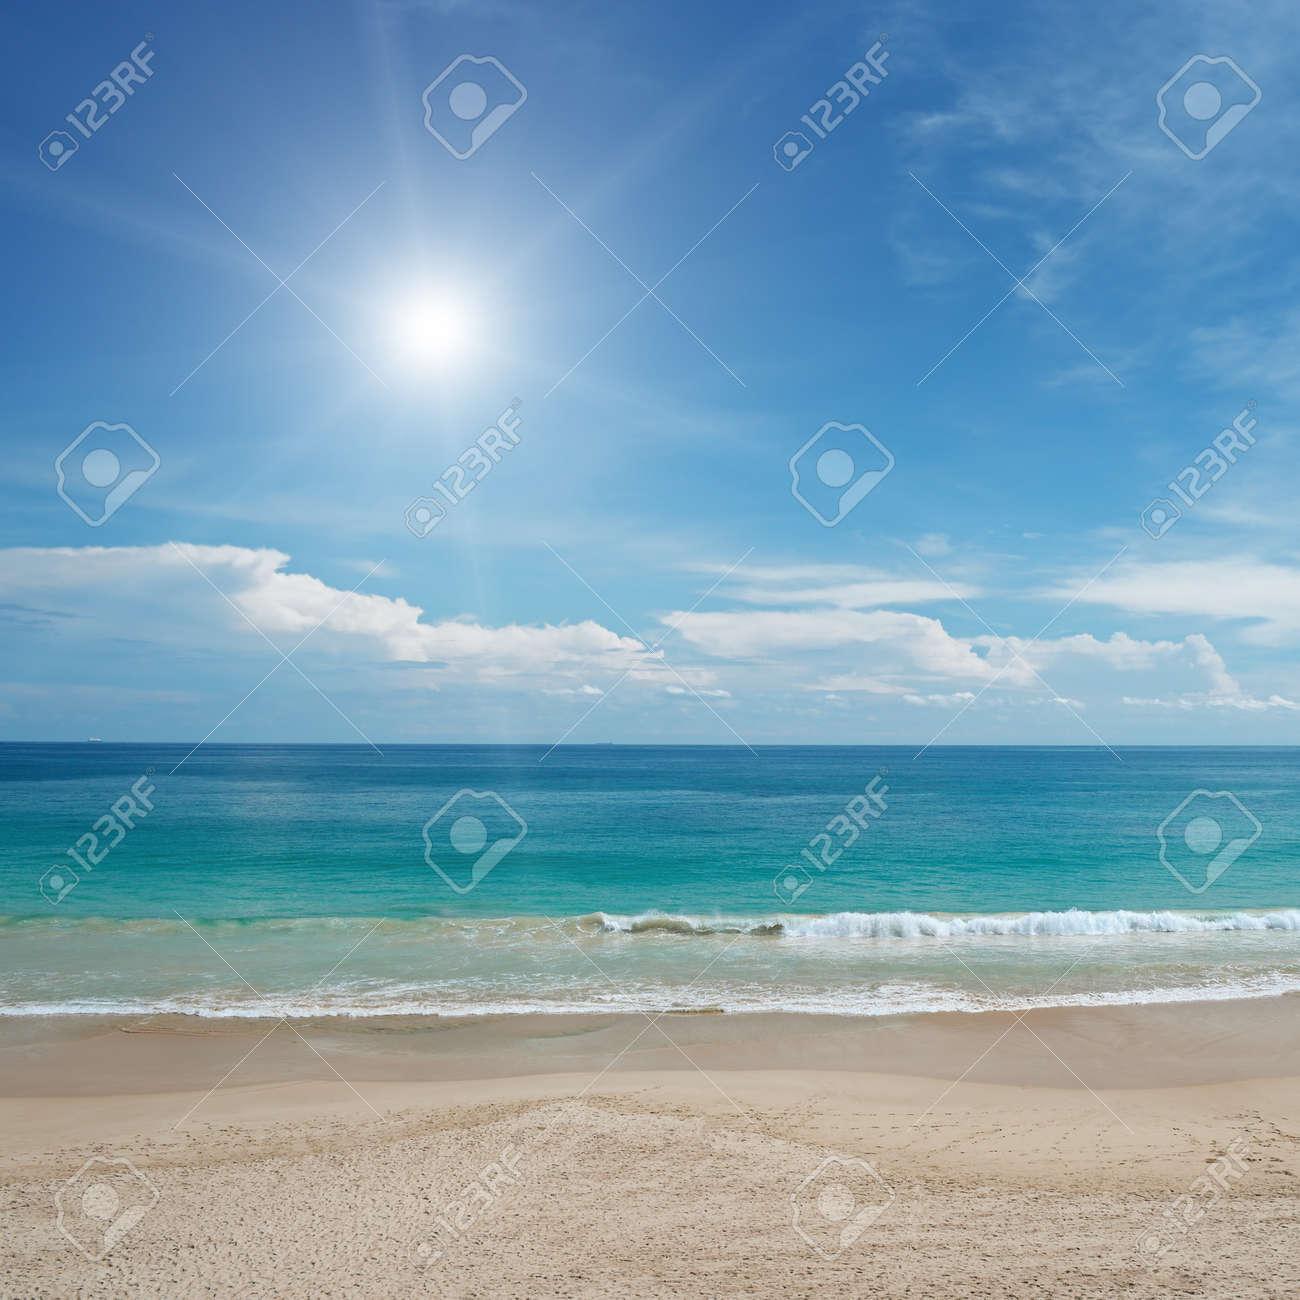 Sandy beach and sun in blue sky - 34106915